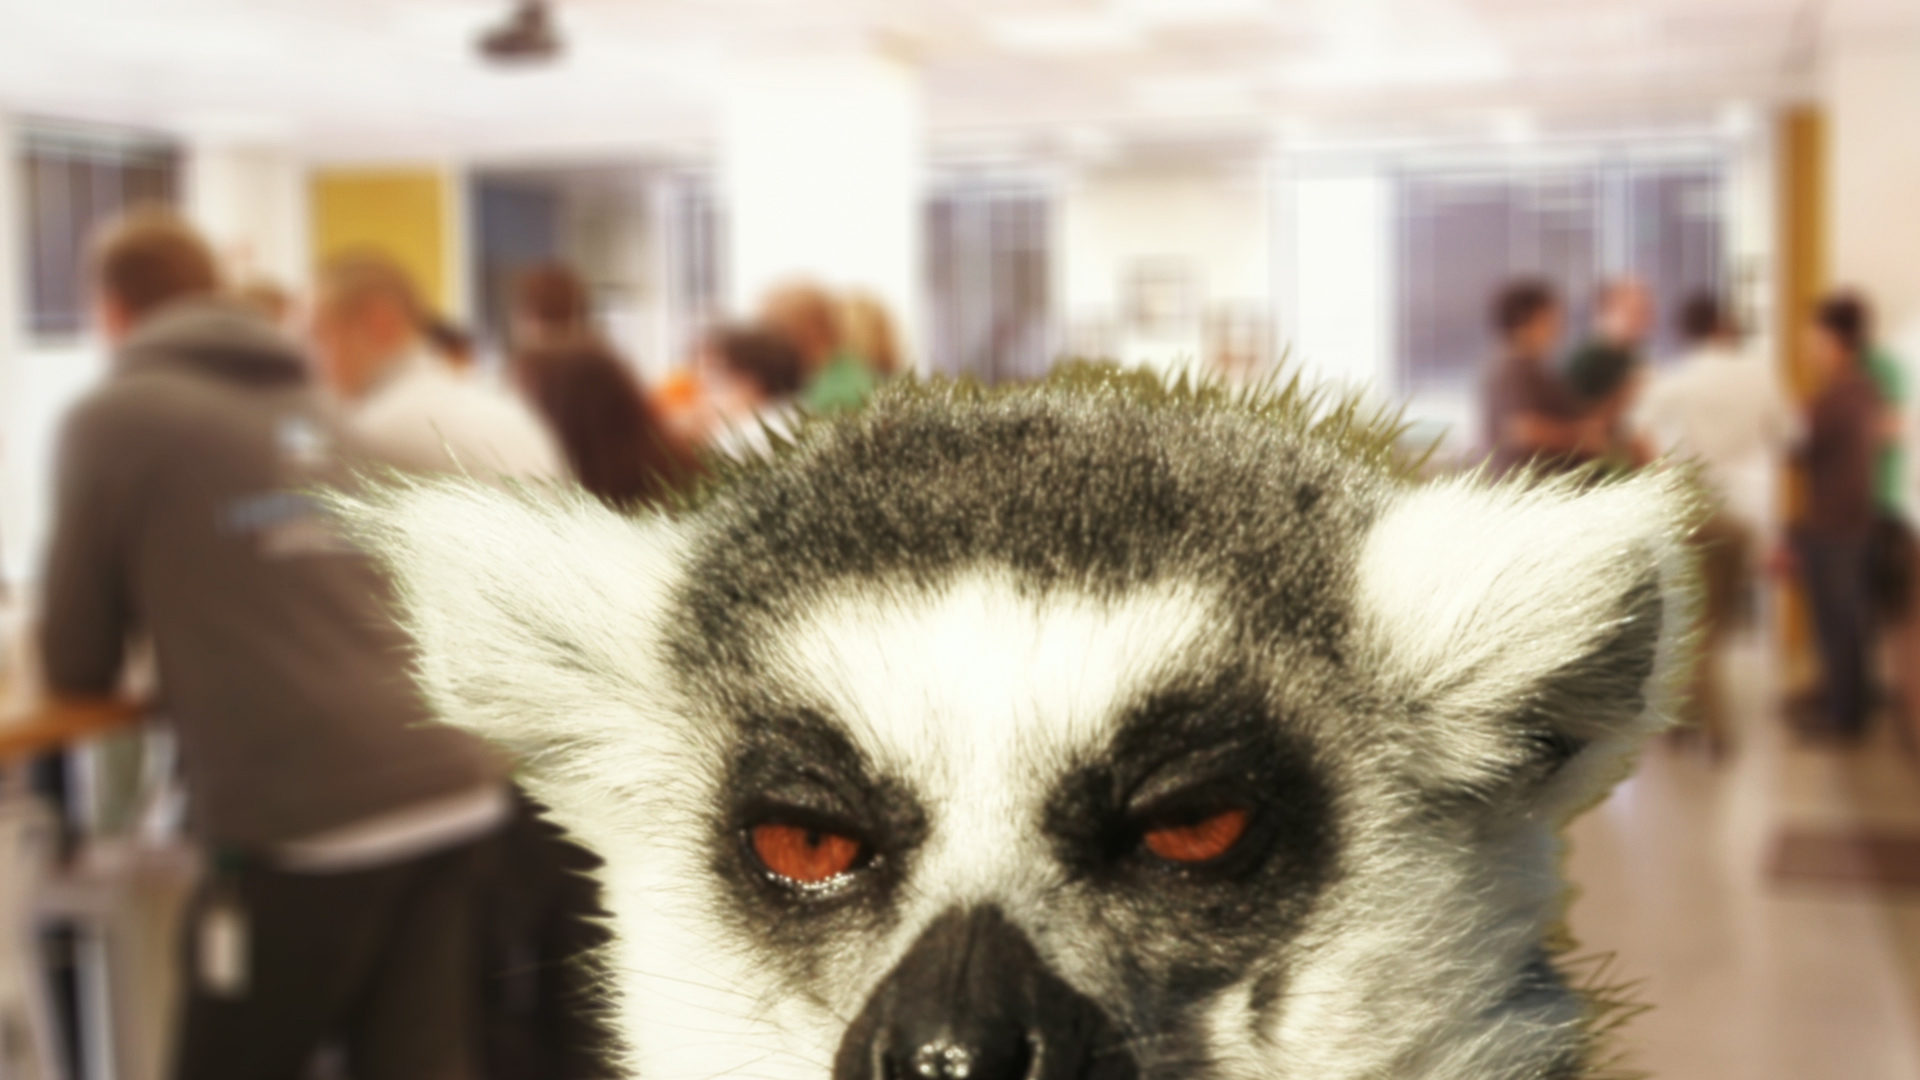 Femto_PR_still_MF-lemur.jpg